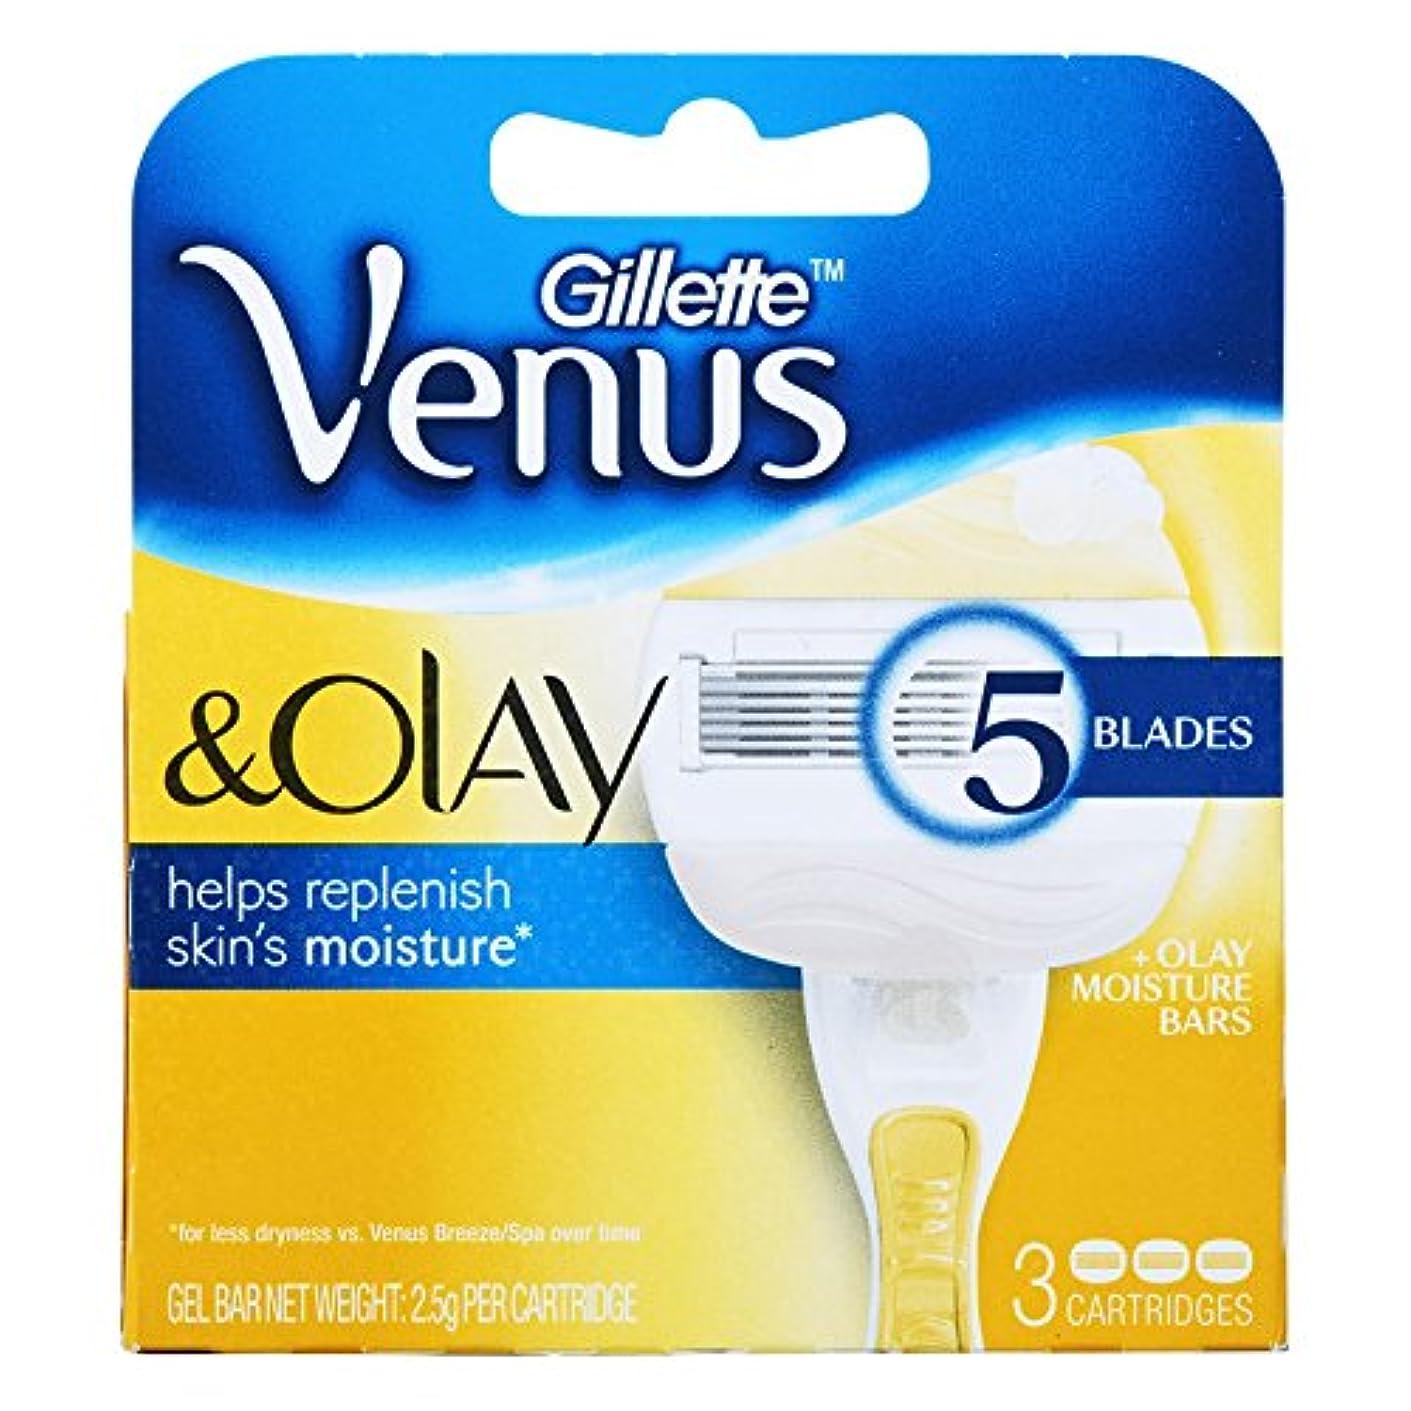 ホップ北へヒュームGillette Venus Olay Razor Blades カートリッジブレード 3 Pcs [並行輸入品]